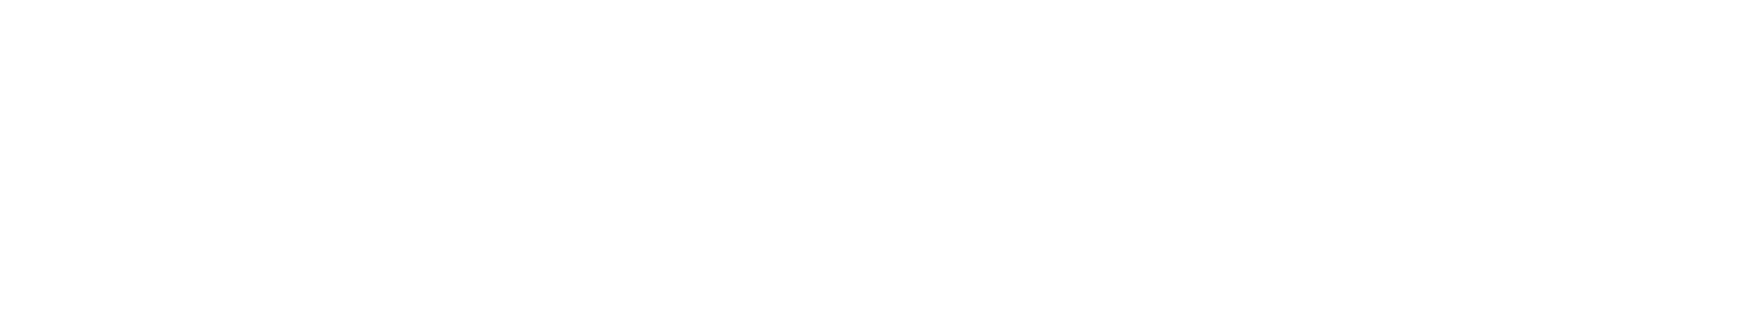 ScotSoft2021